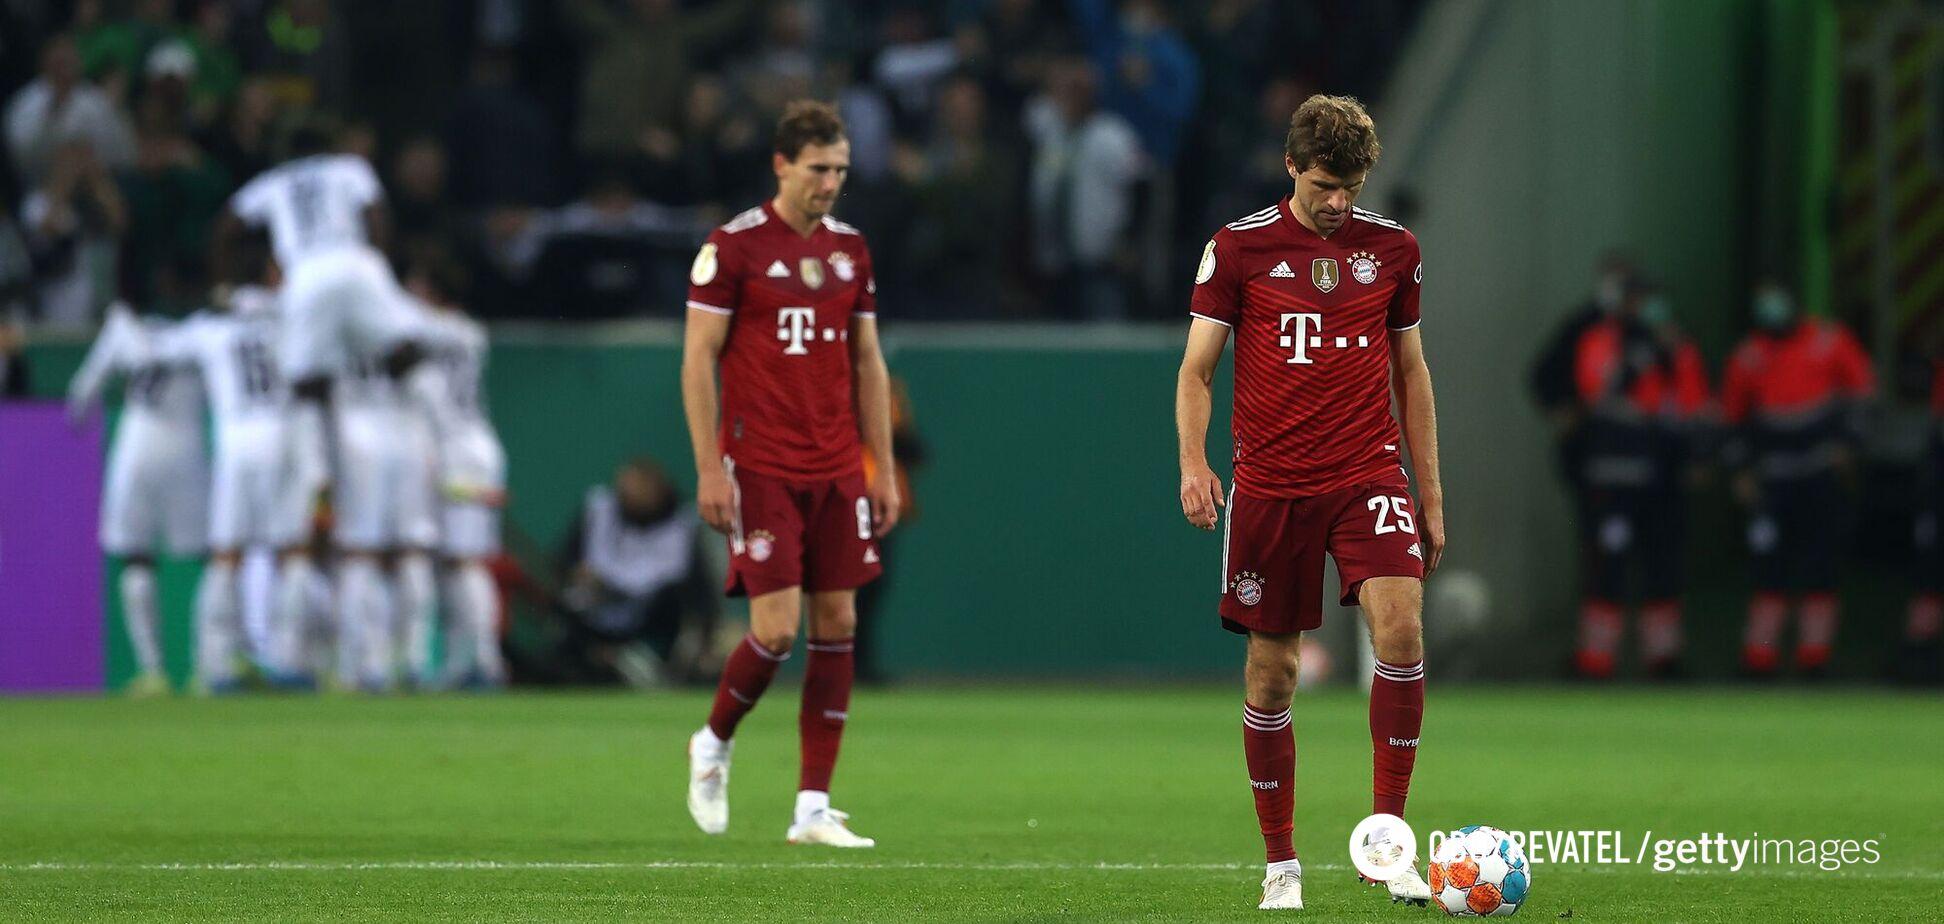 'Баварію' розбили в Кубку Німеччини з футболу. Хто познущався з кривдника 'Динамо'